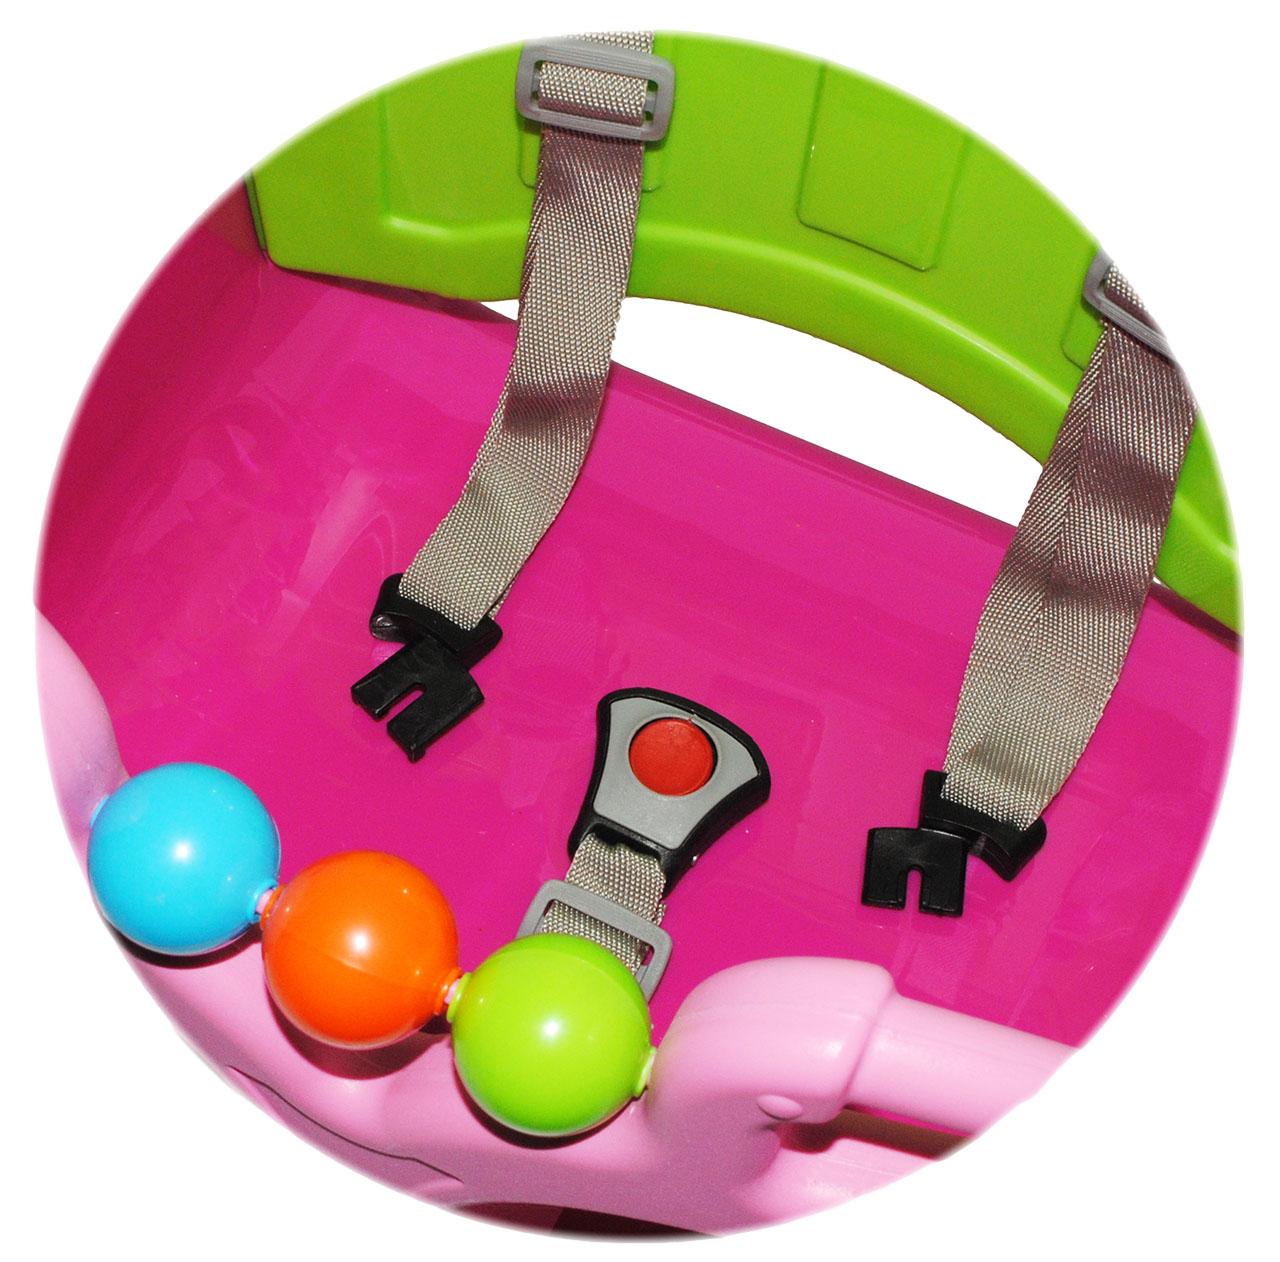 Babyschaukel-gitterschaukel-mitwachsend-amp-de-reequipar-con-cinturon-034-rosa-p miniatura 14